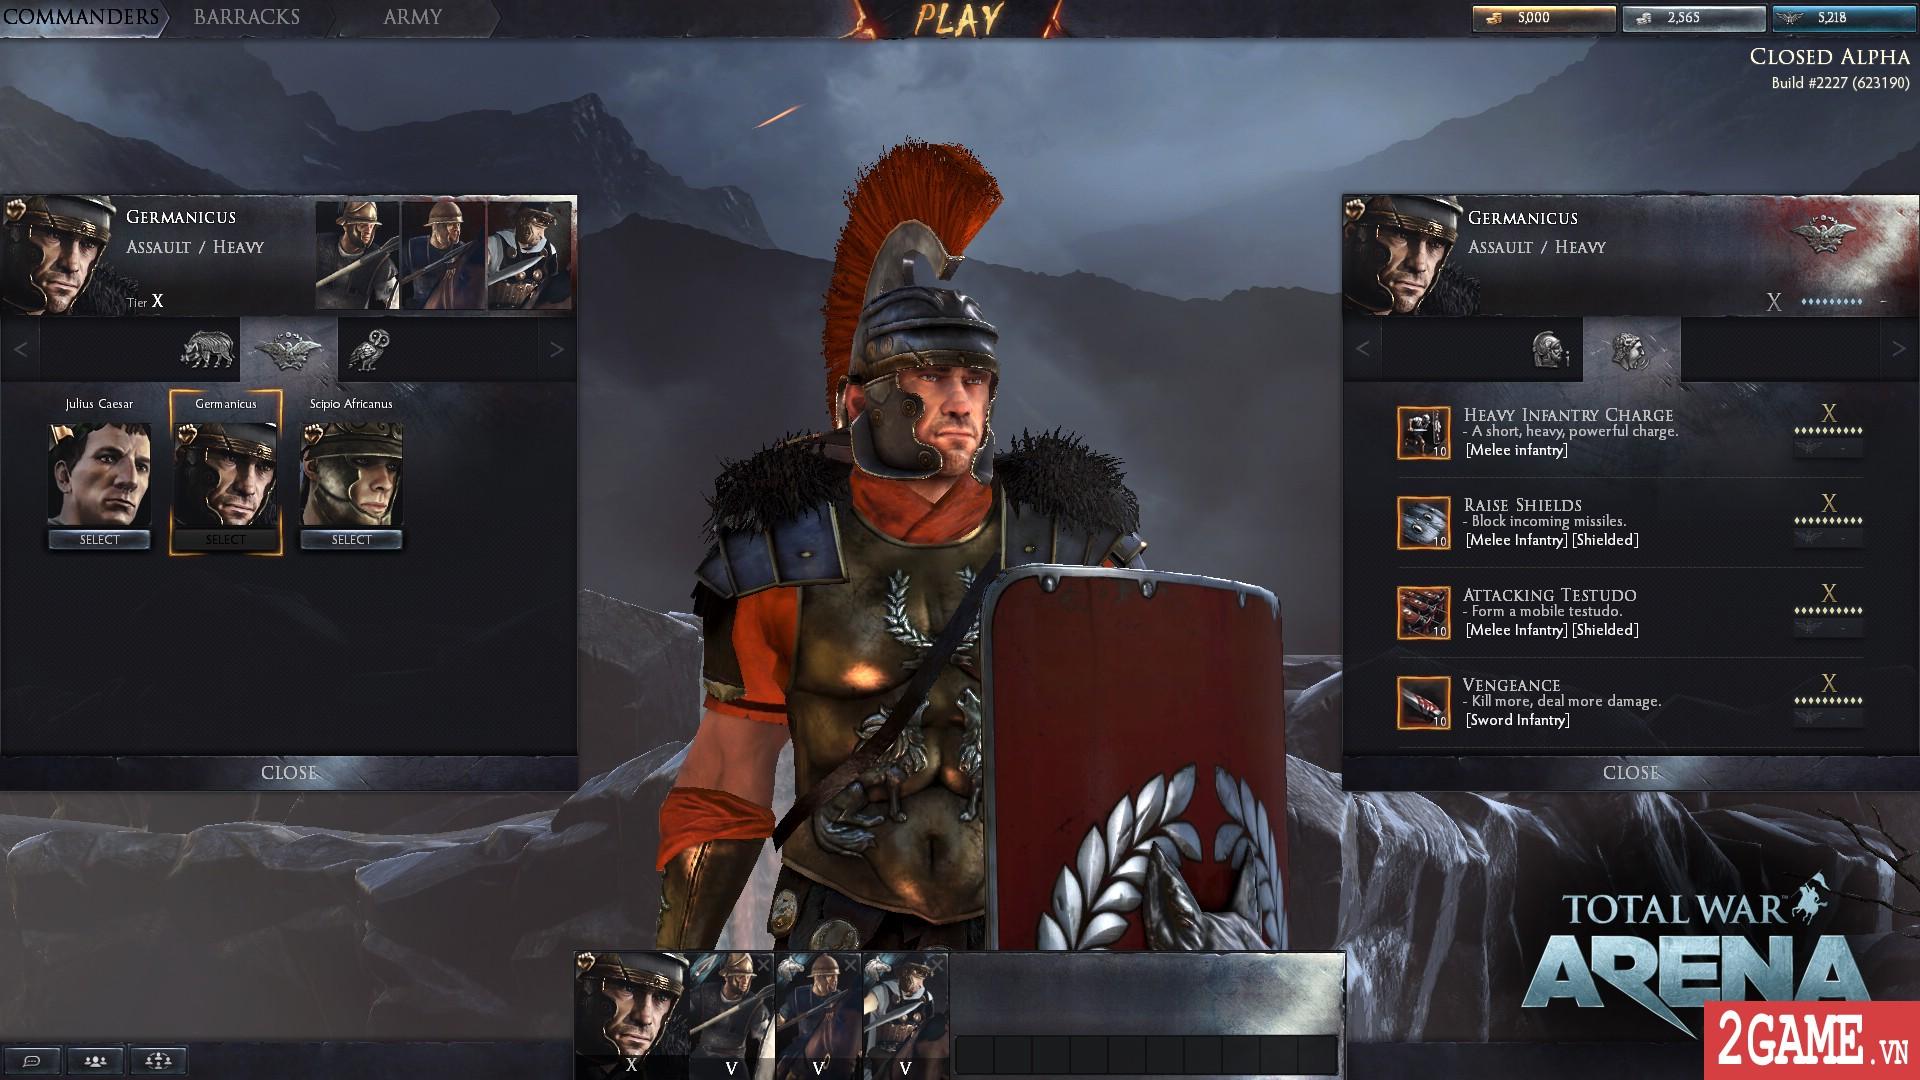 Total War: Arena - Game chiến thuật 3D quy mô bậc nhất trên PC bất ngờ cho chơi miễn phí hoàn toàn 2